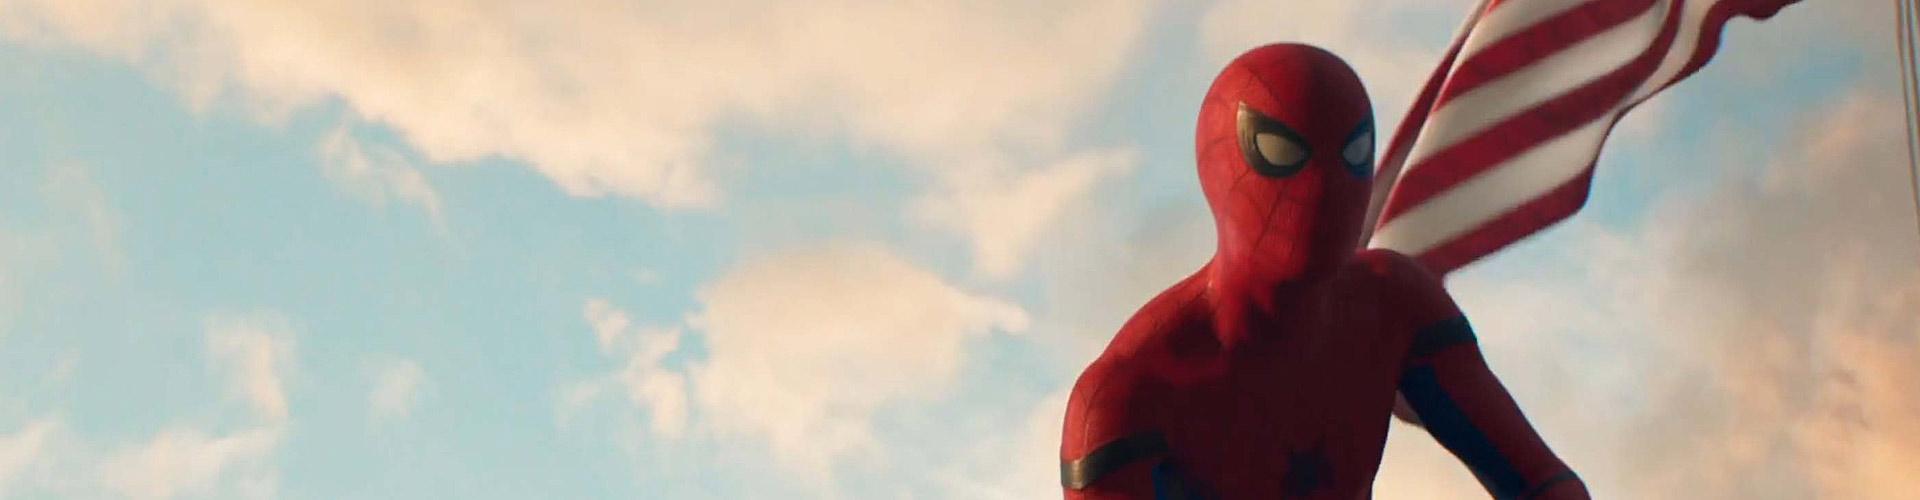 spider-man-trailer-header.jpg